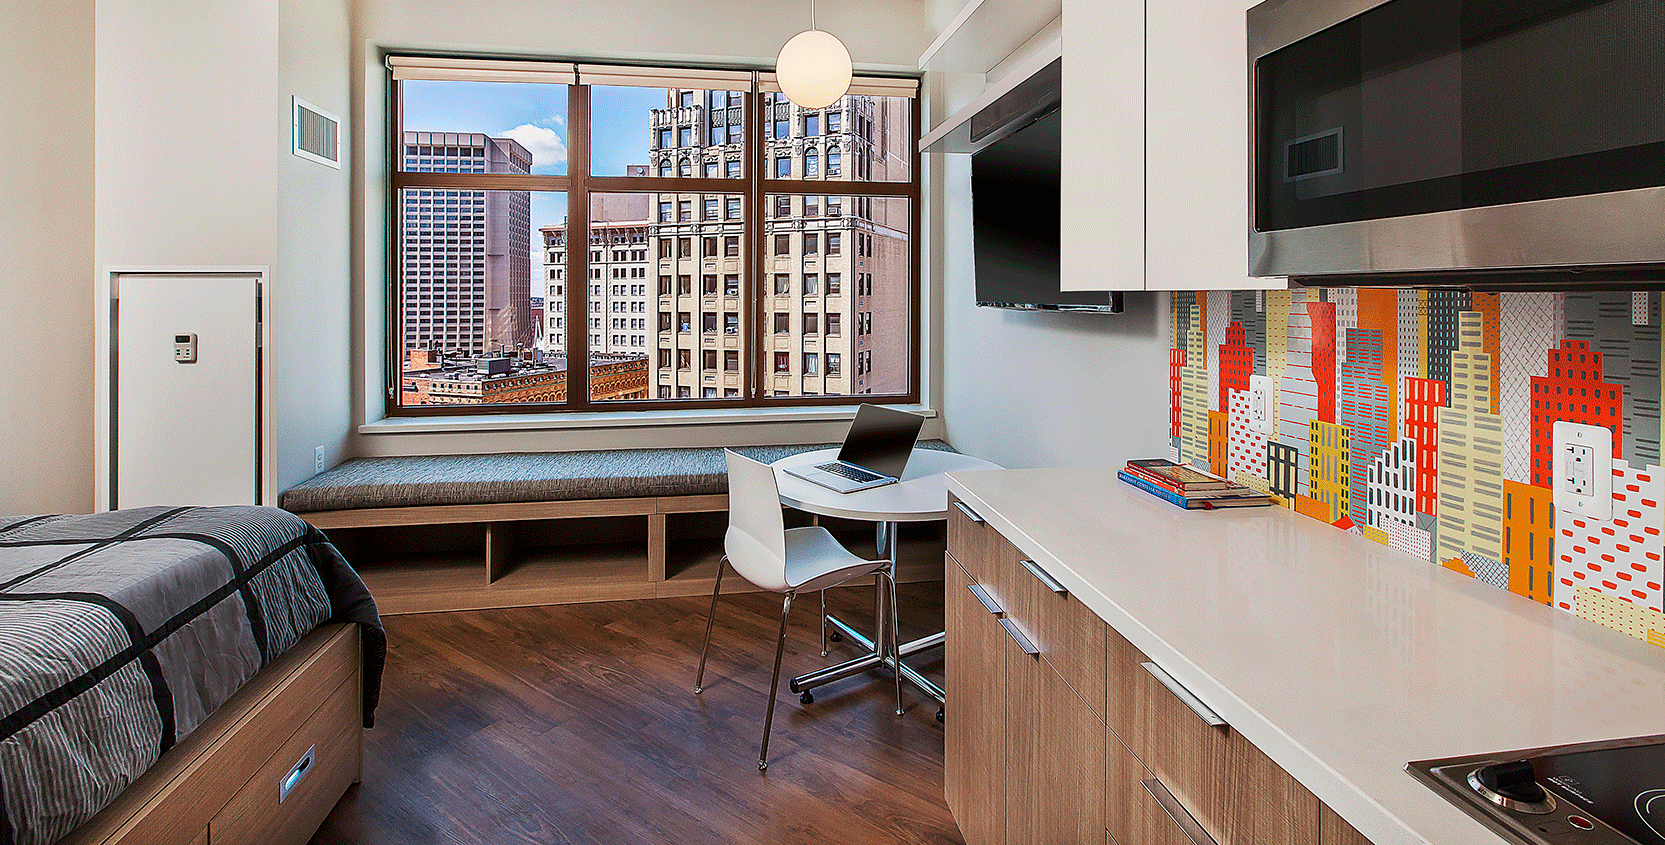 28 W Grand Lofts-Studio-Apartment-2-1665x845